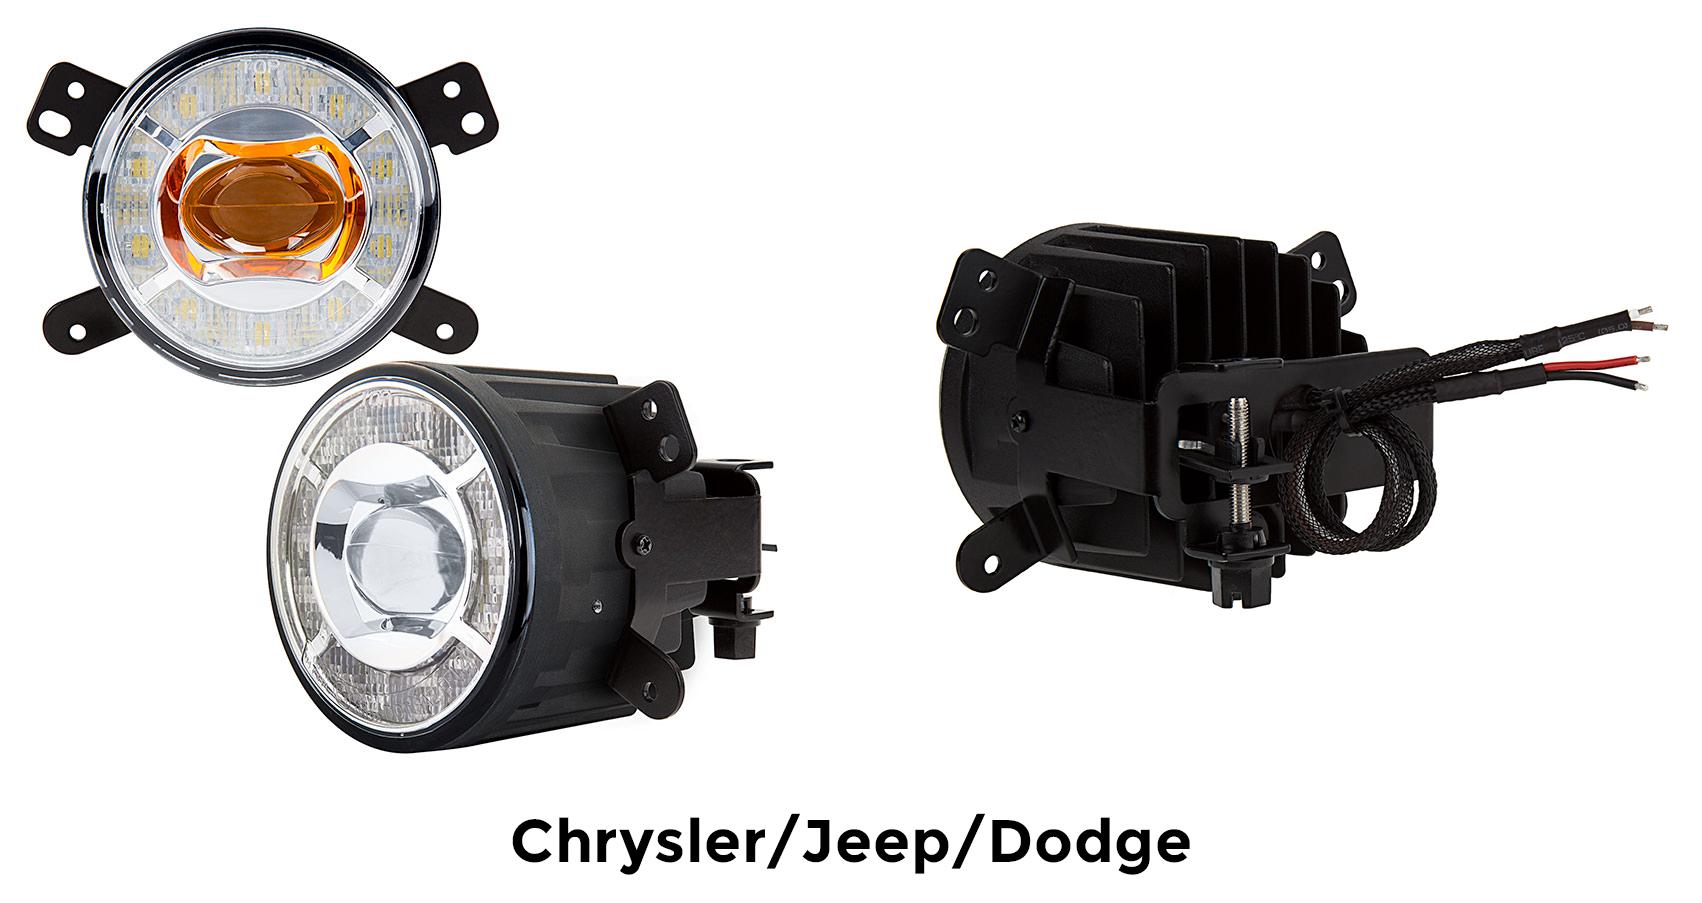 projector LED fog lights - chrysler - jeep - dodge